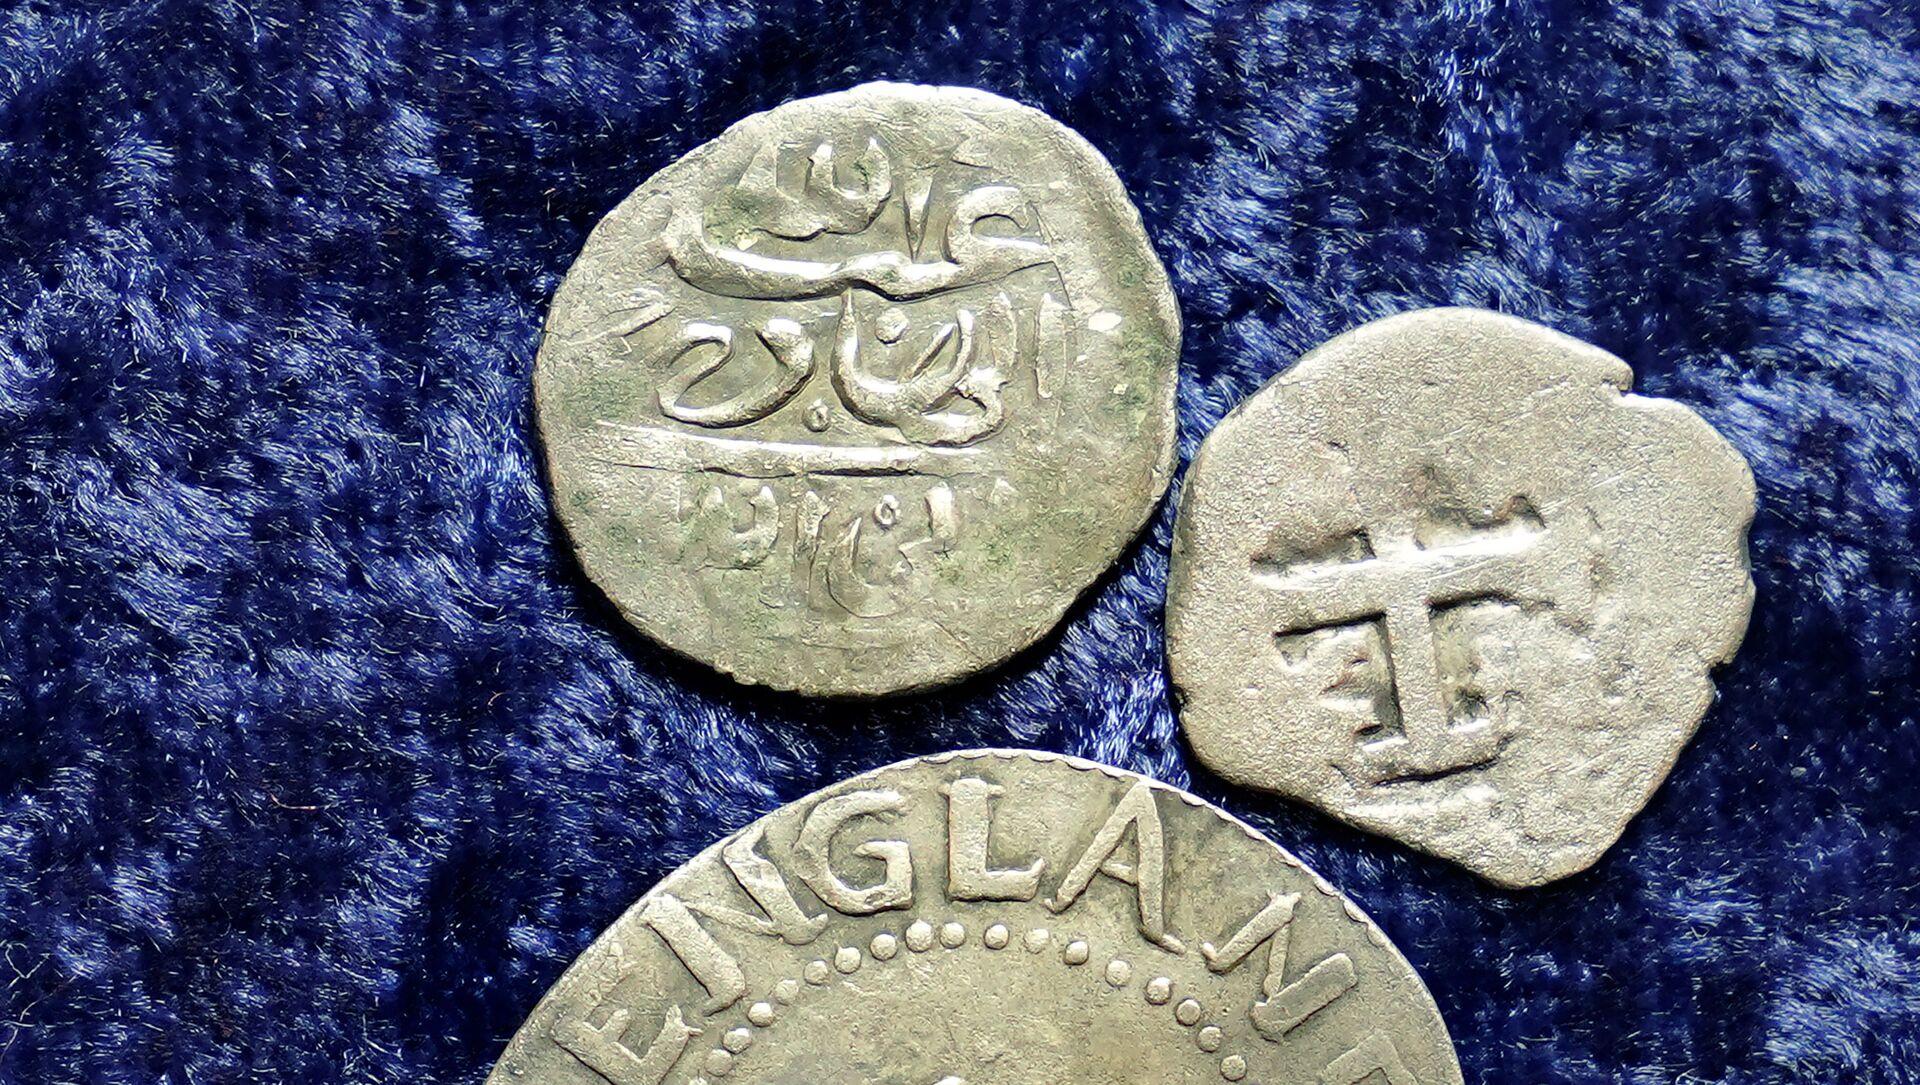 Monete arabe trovate negli Stati Uniti - Sputnik Italia, 1920, 03.04.2021